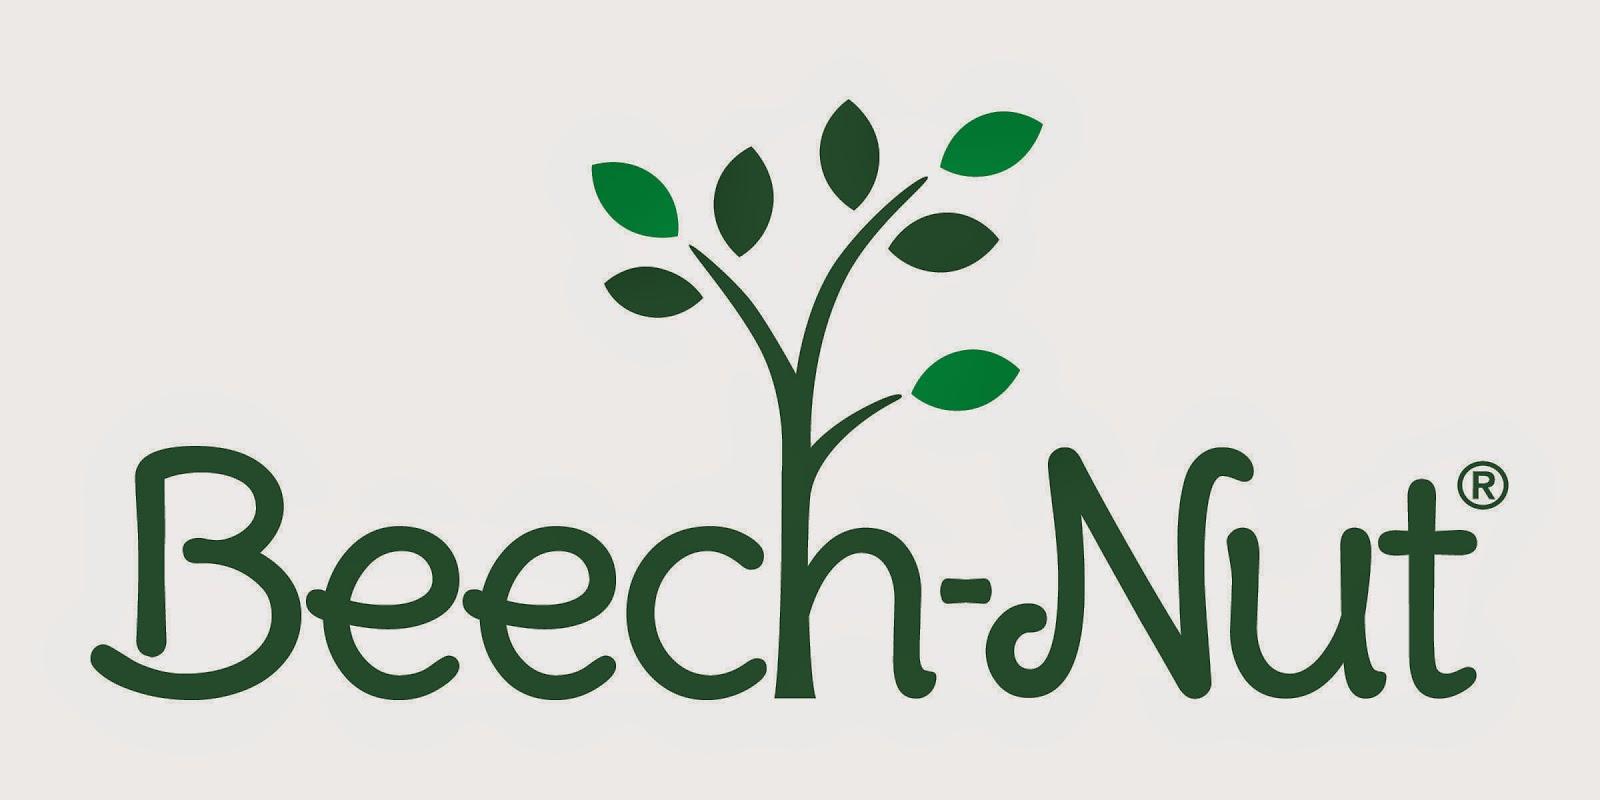 http://beechnut.com/